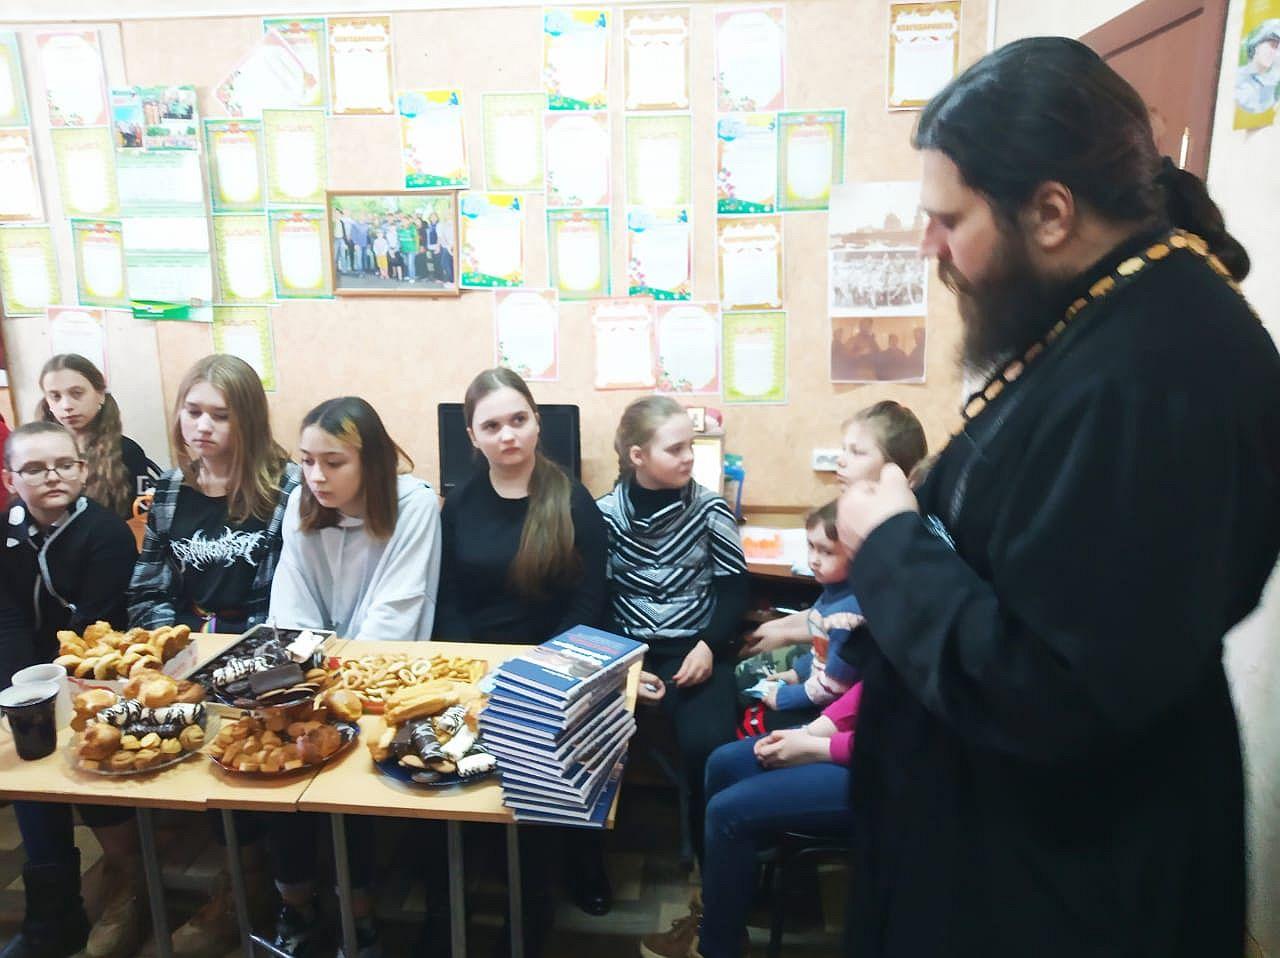 В преддверии Дня космонавтики в Авиагородке состоялась познавательная встреча молодежи с участием священника